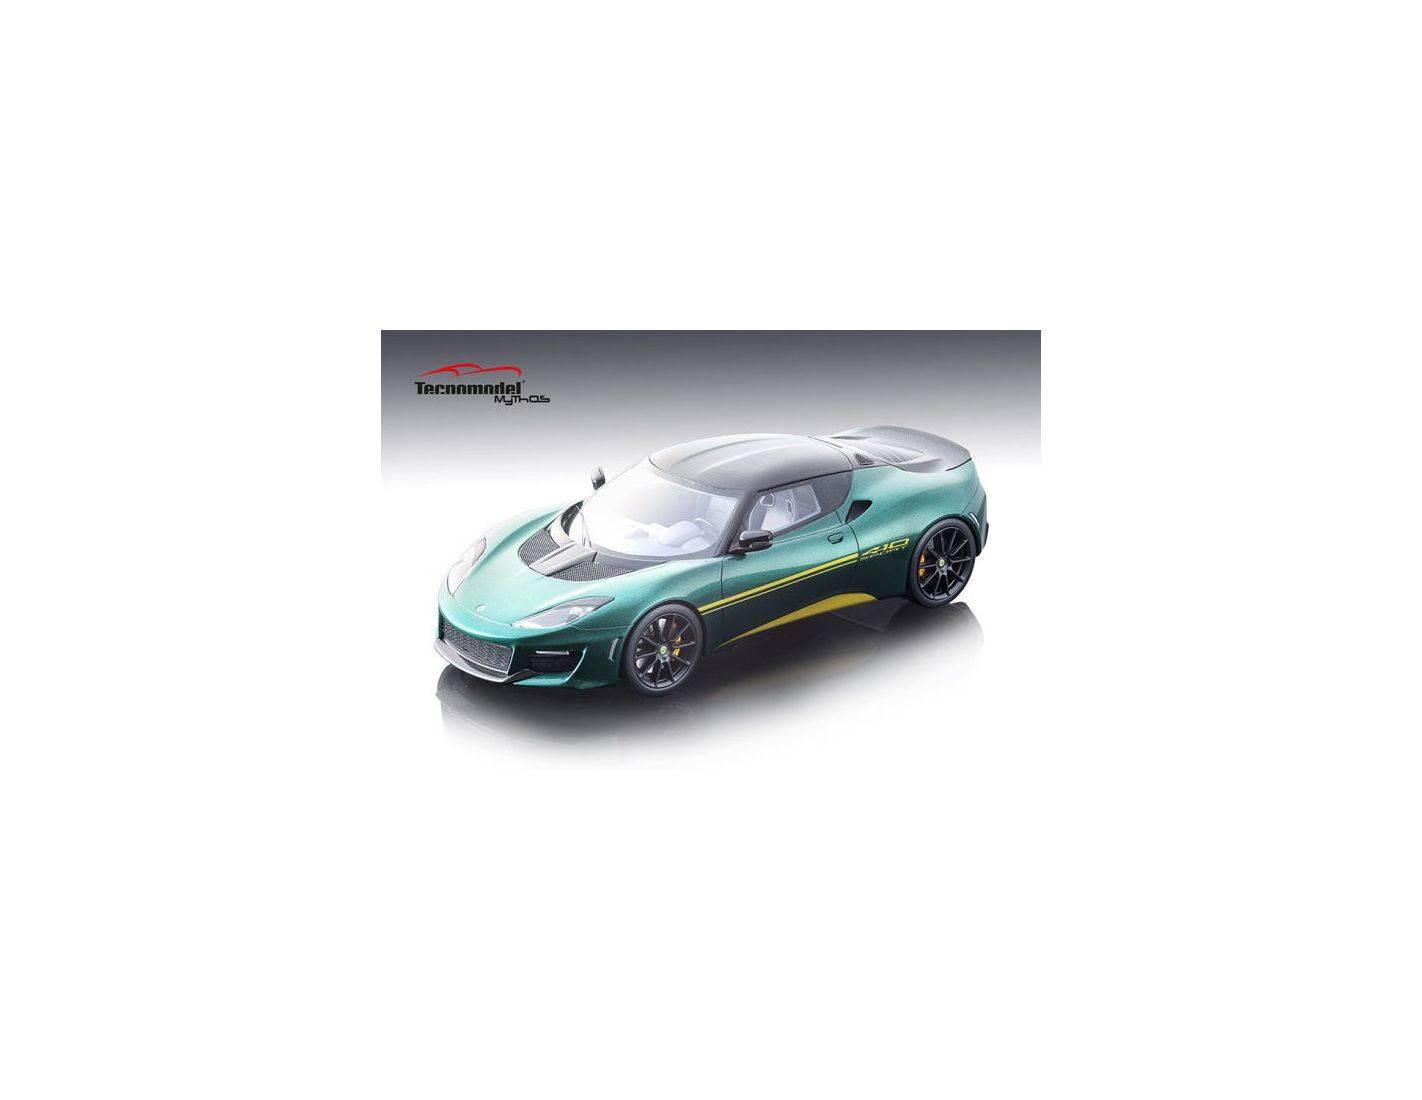 Tecnomodel TMD18111C LOTUS EVORA 410 2017 METALLIC GREEN 1:18 Modellino